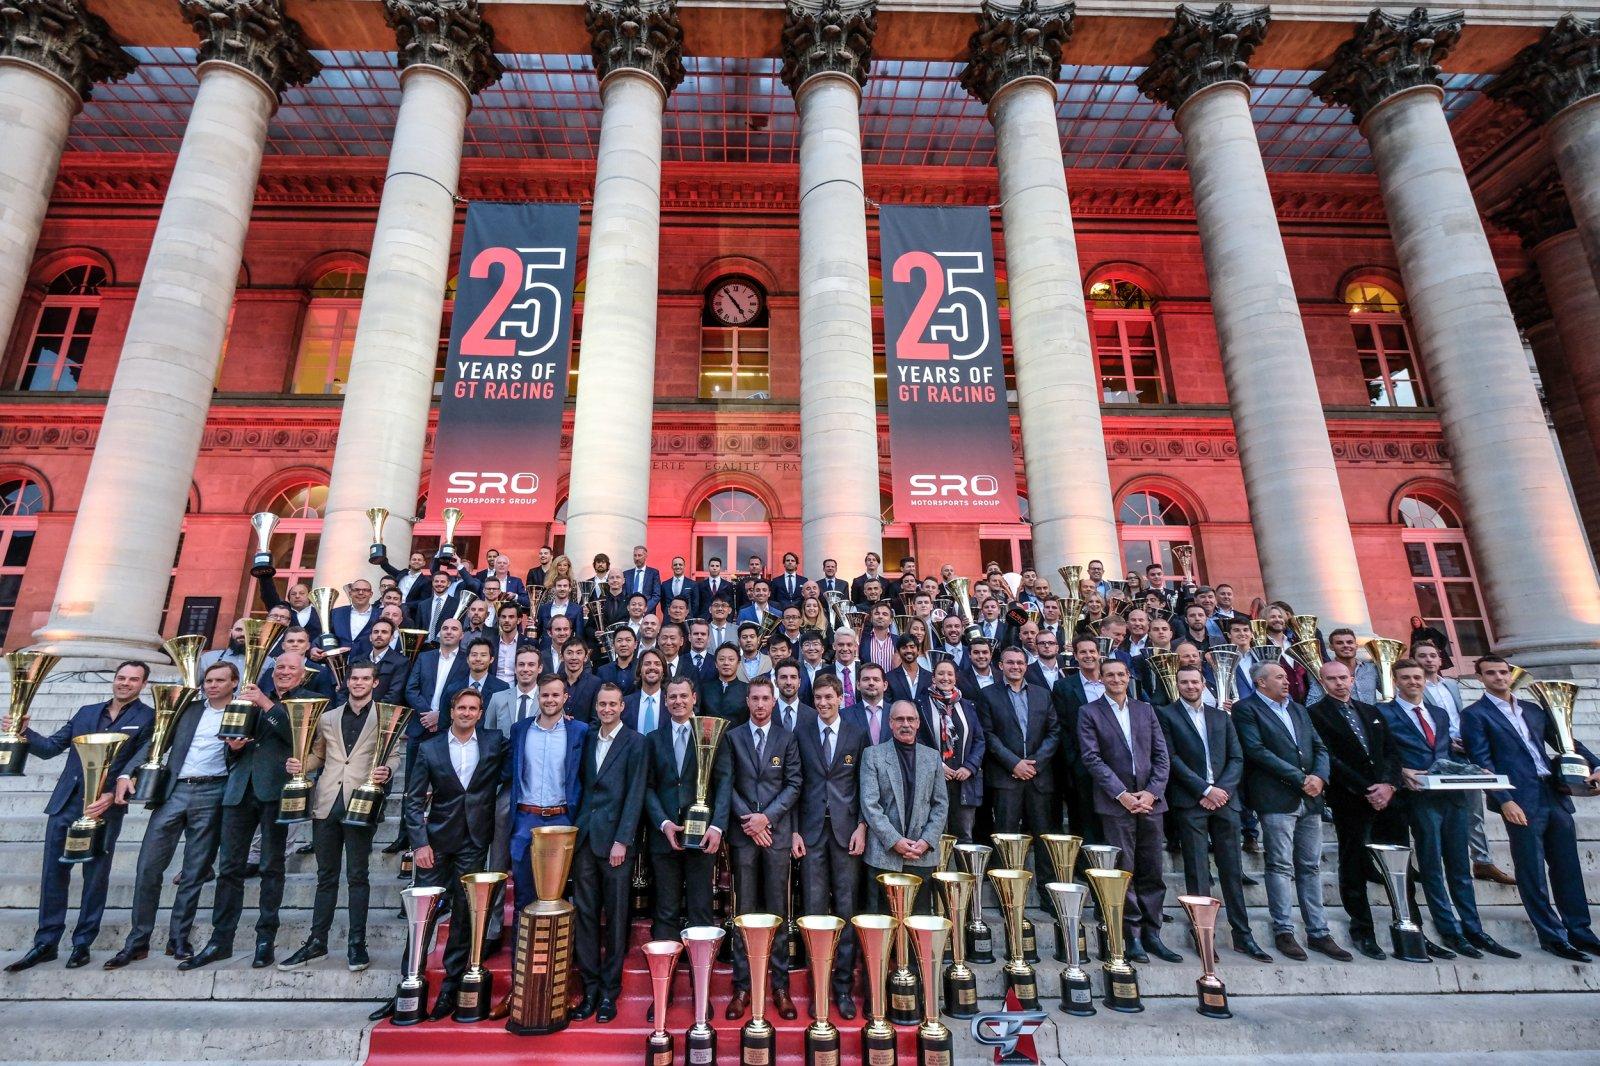 Glamorous finish to the 2017 SRO Motorsports Group championships